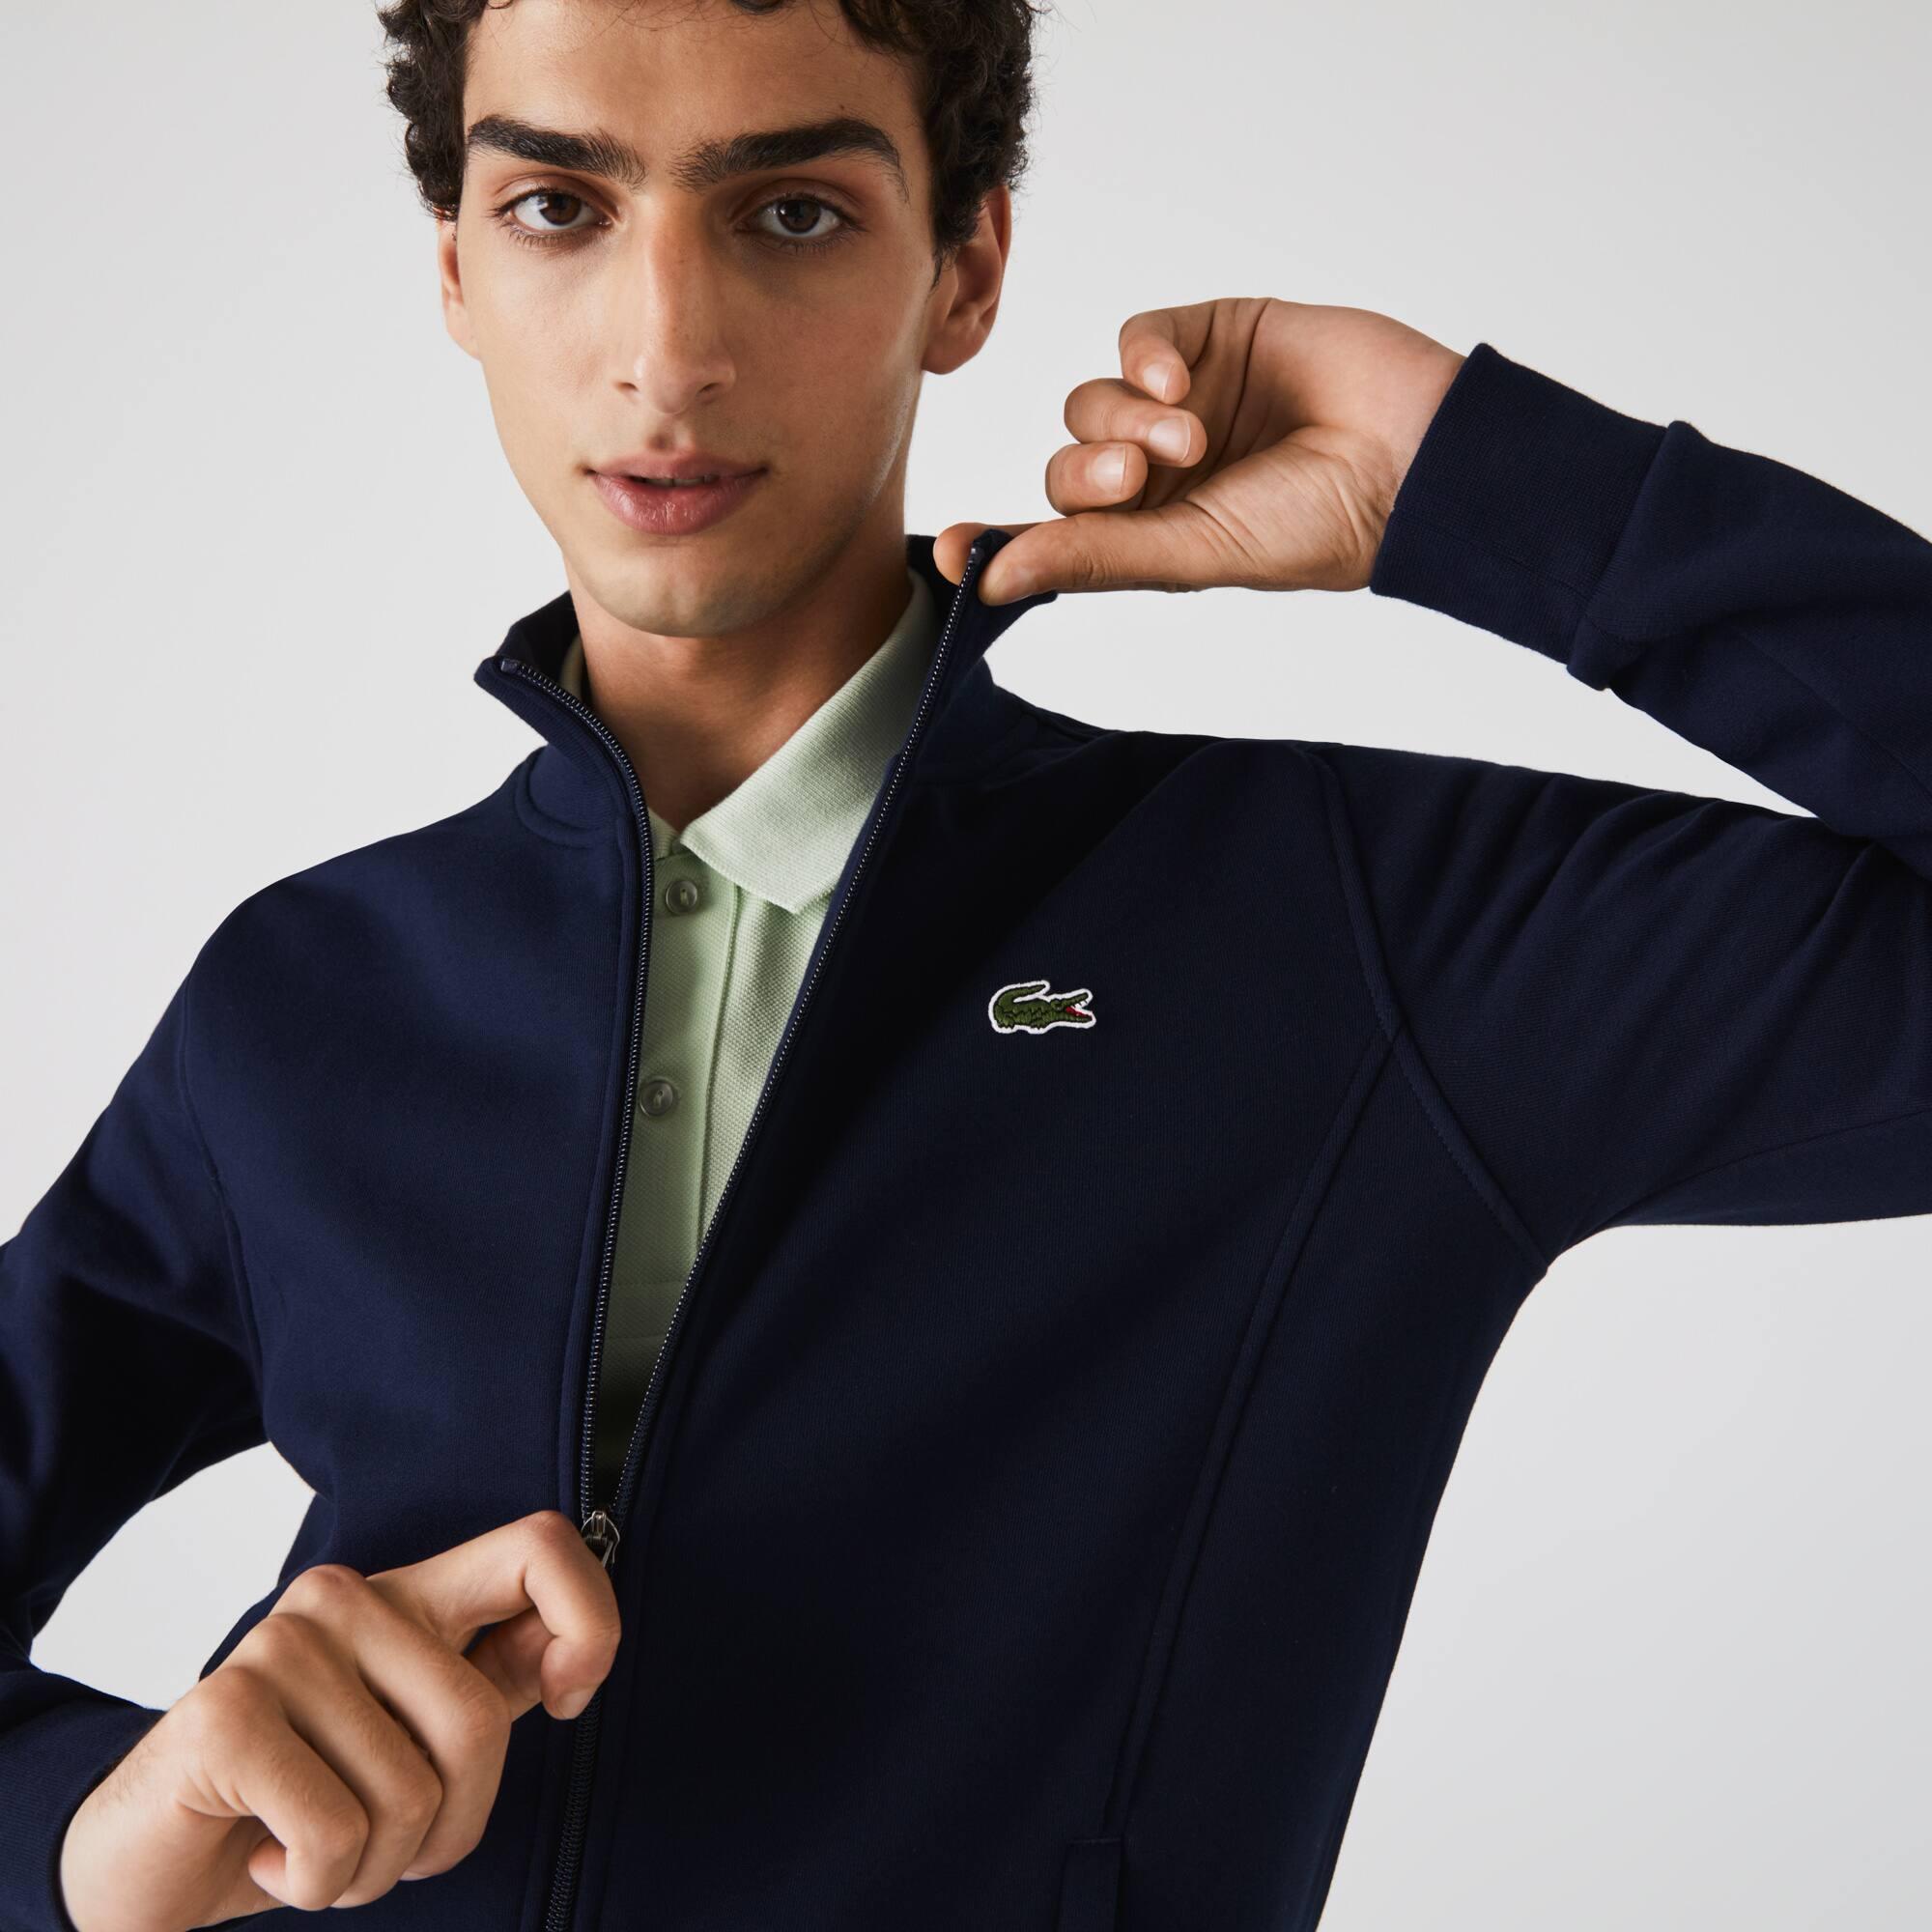 قميص ثقيل من الصوف بسحاب للرجال من مجموعة Lacoste SPORT